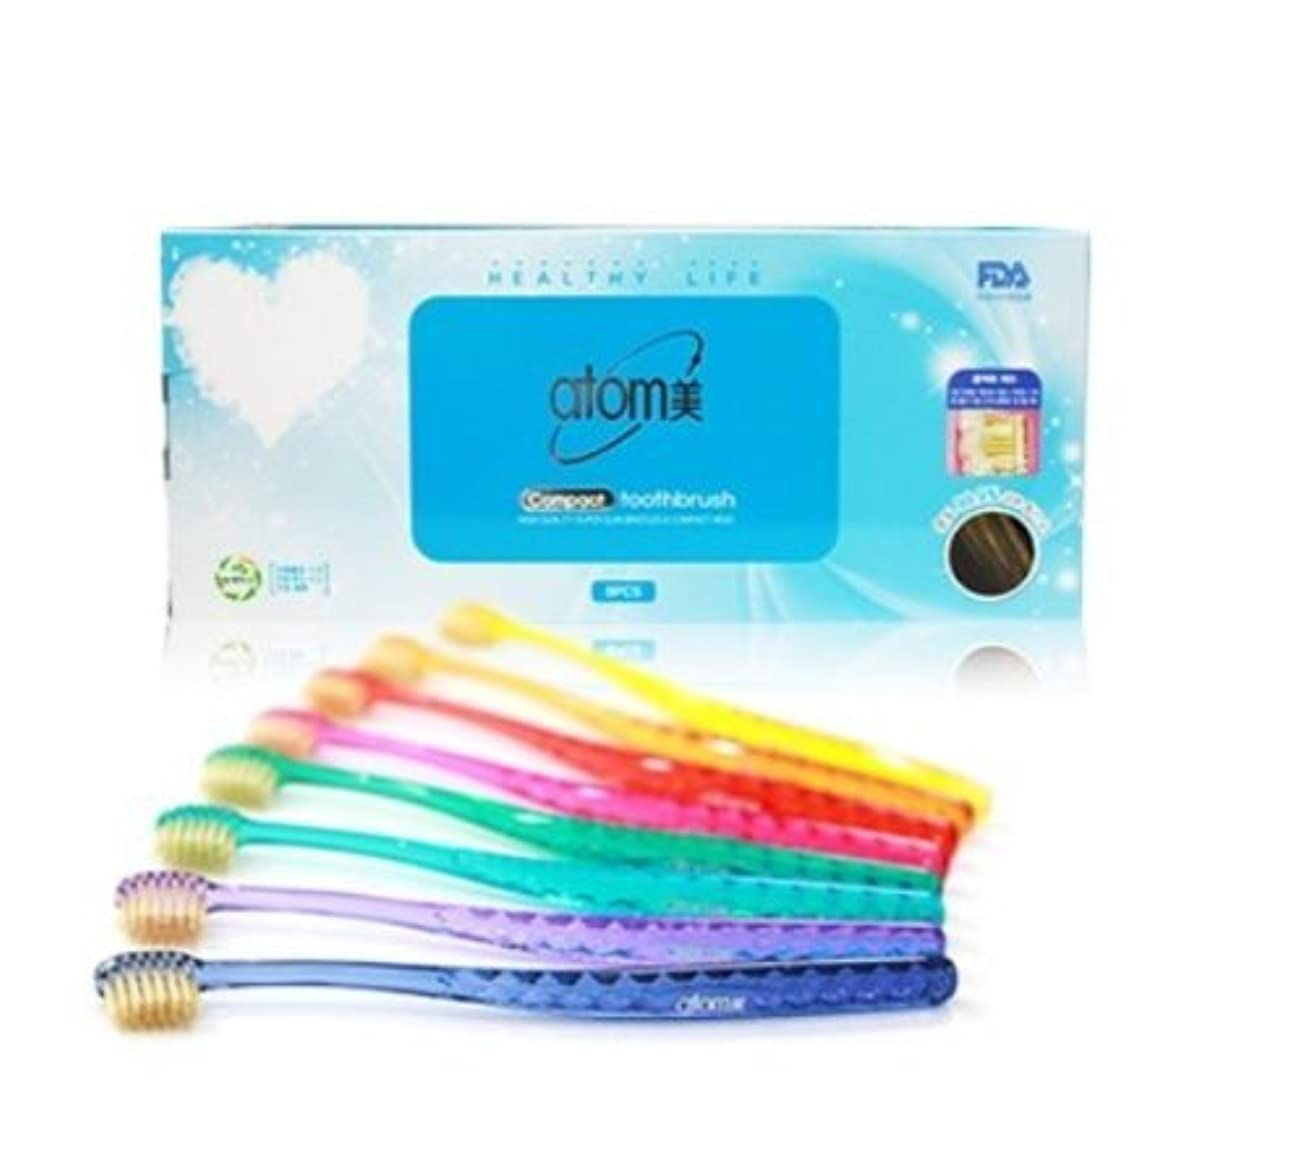 悪用政治家の環境に優しいAtomi Atomy Atom美 アトミ アトミコンパクト歯ブラシ8本セット